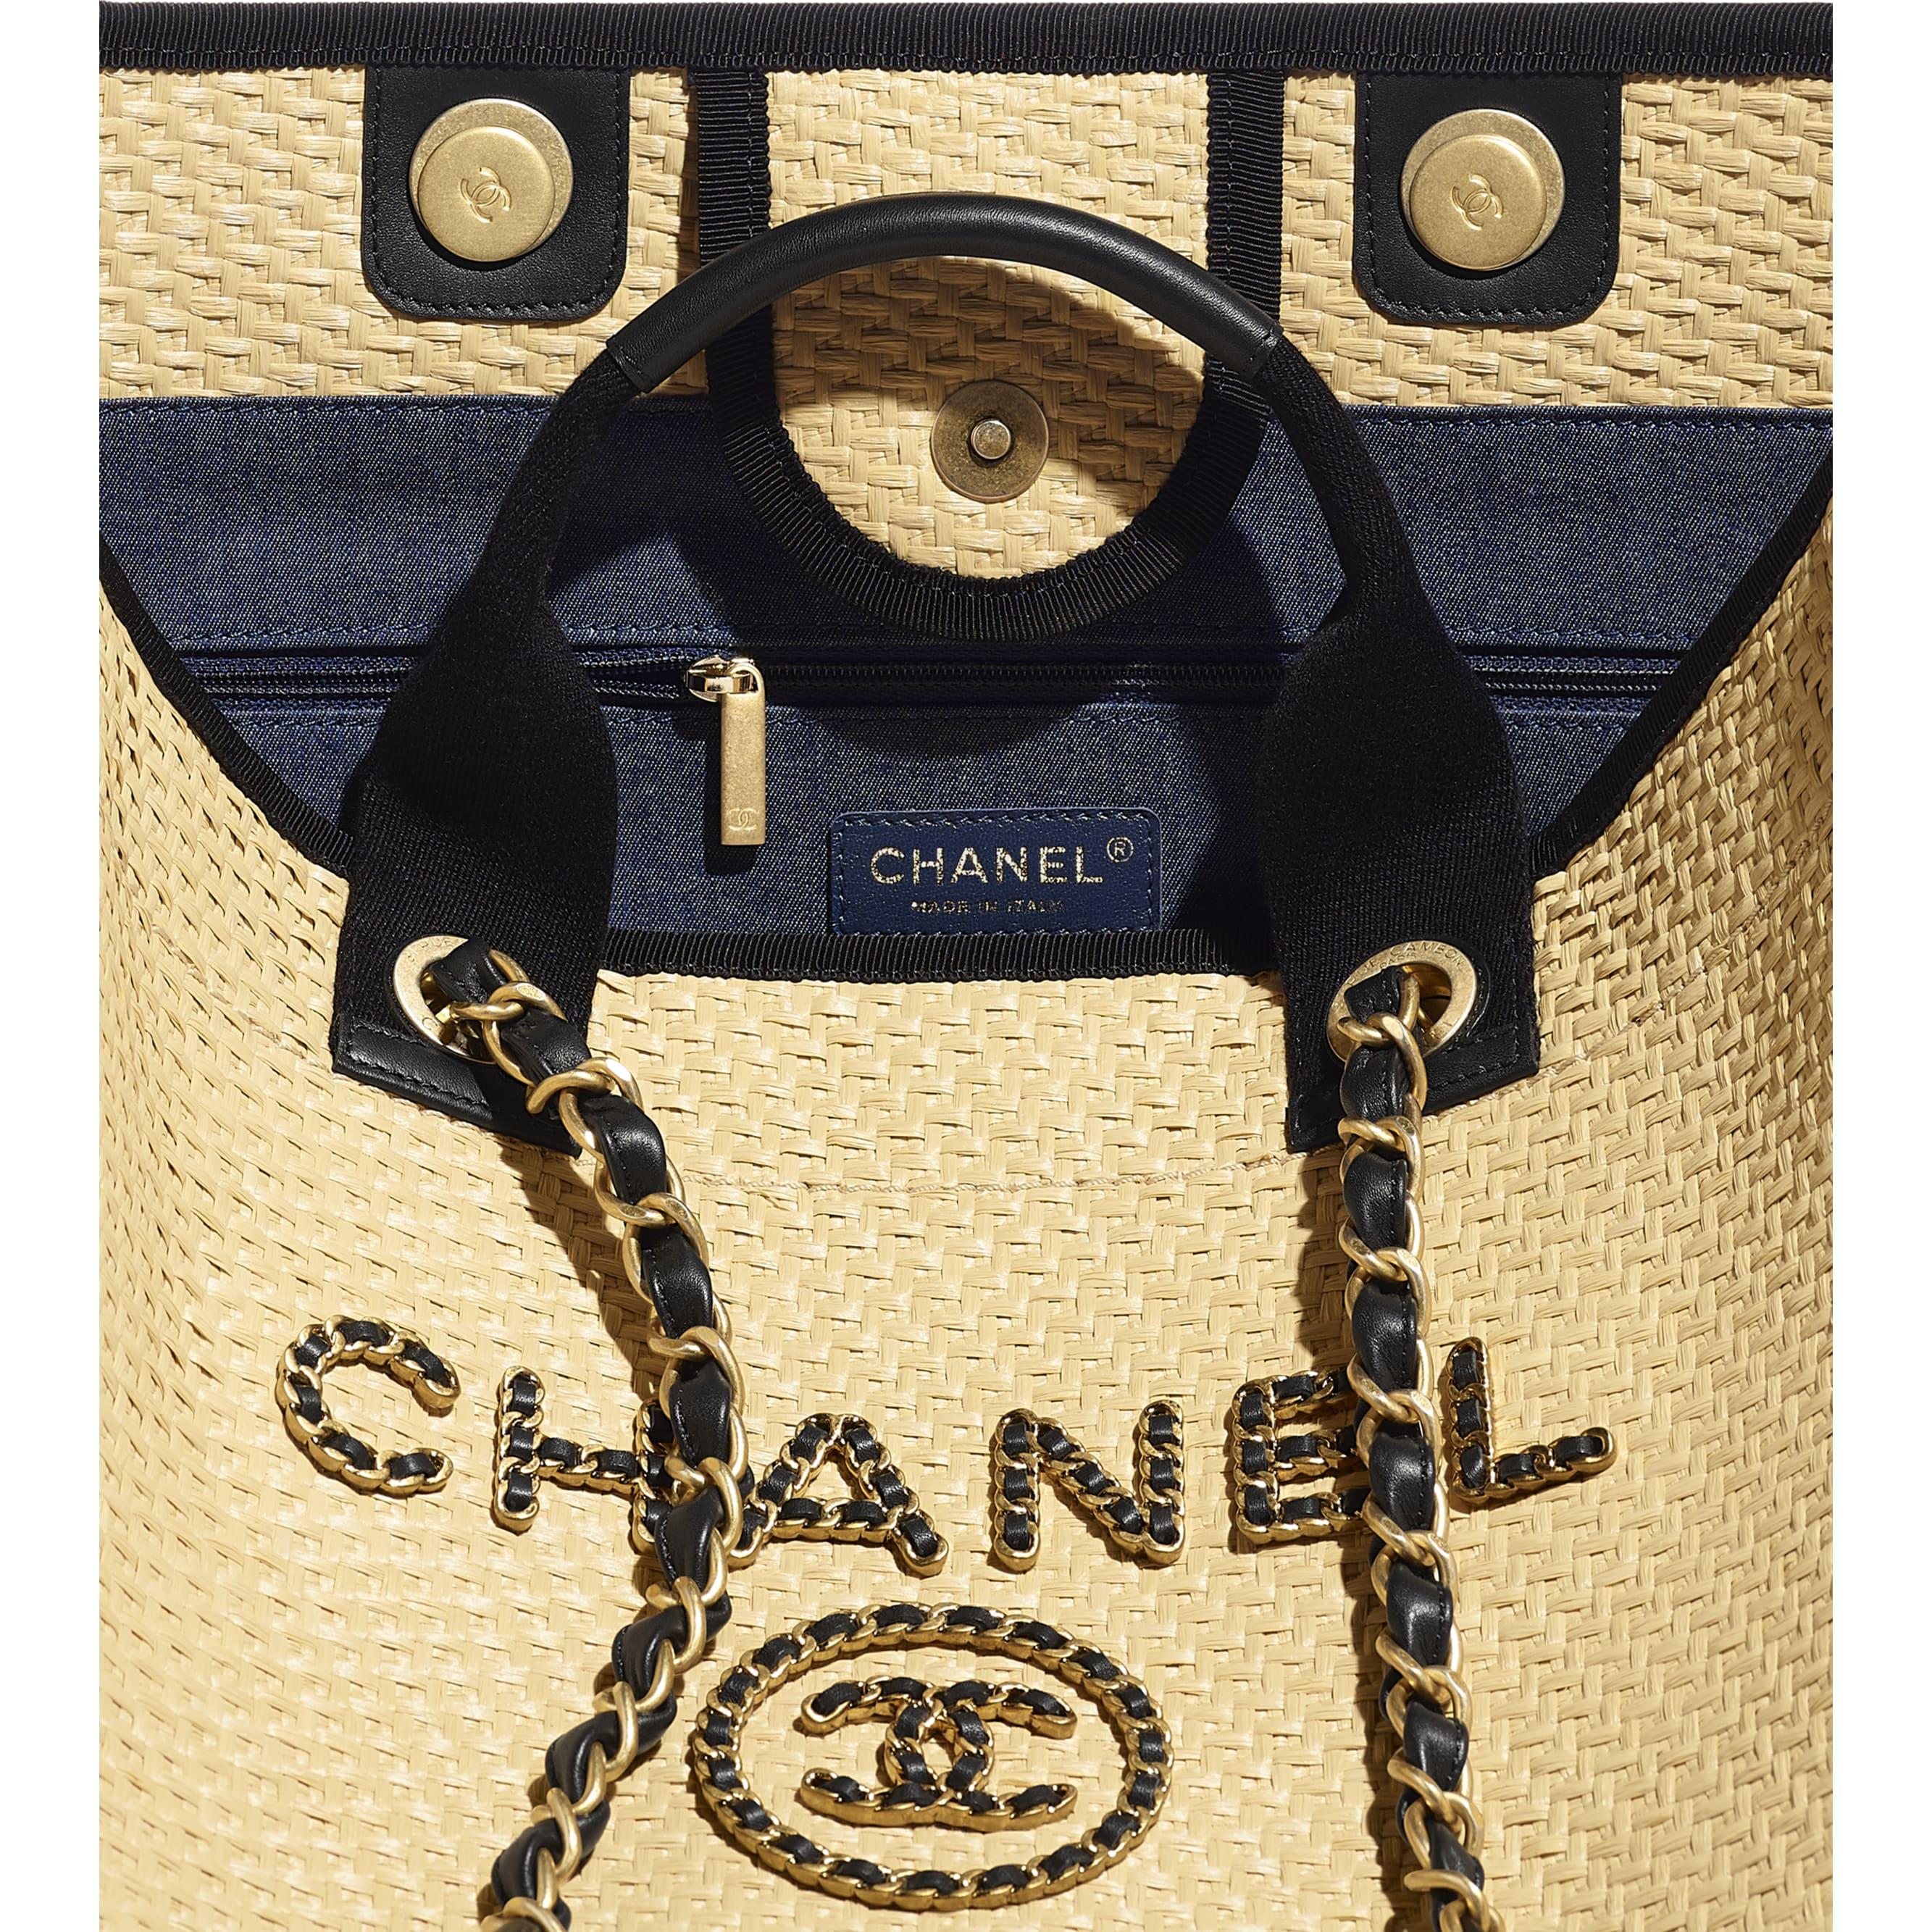 Borsa shopping grande - Beige & nero - Paglia, pelle & metallo effetto dorato - CHANEL - Altra immagine - vedere versione standard